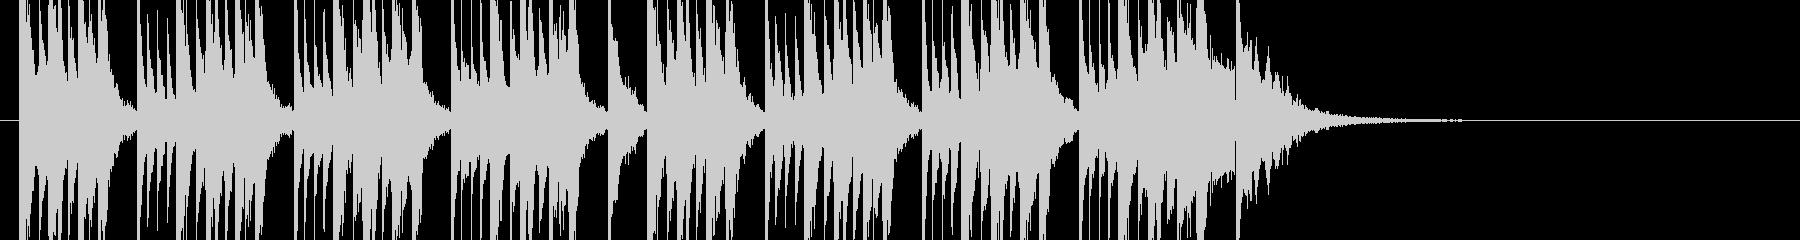 南国ムードのリラックスできるジングル の未再生の波形